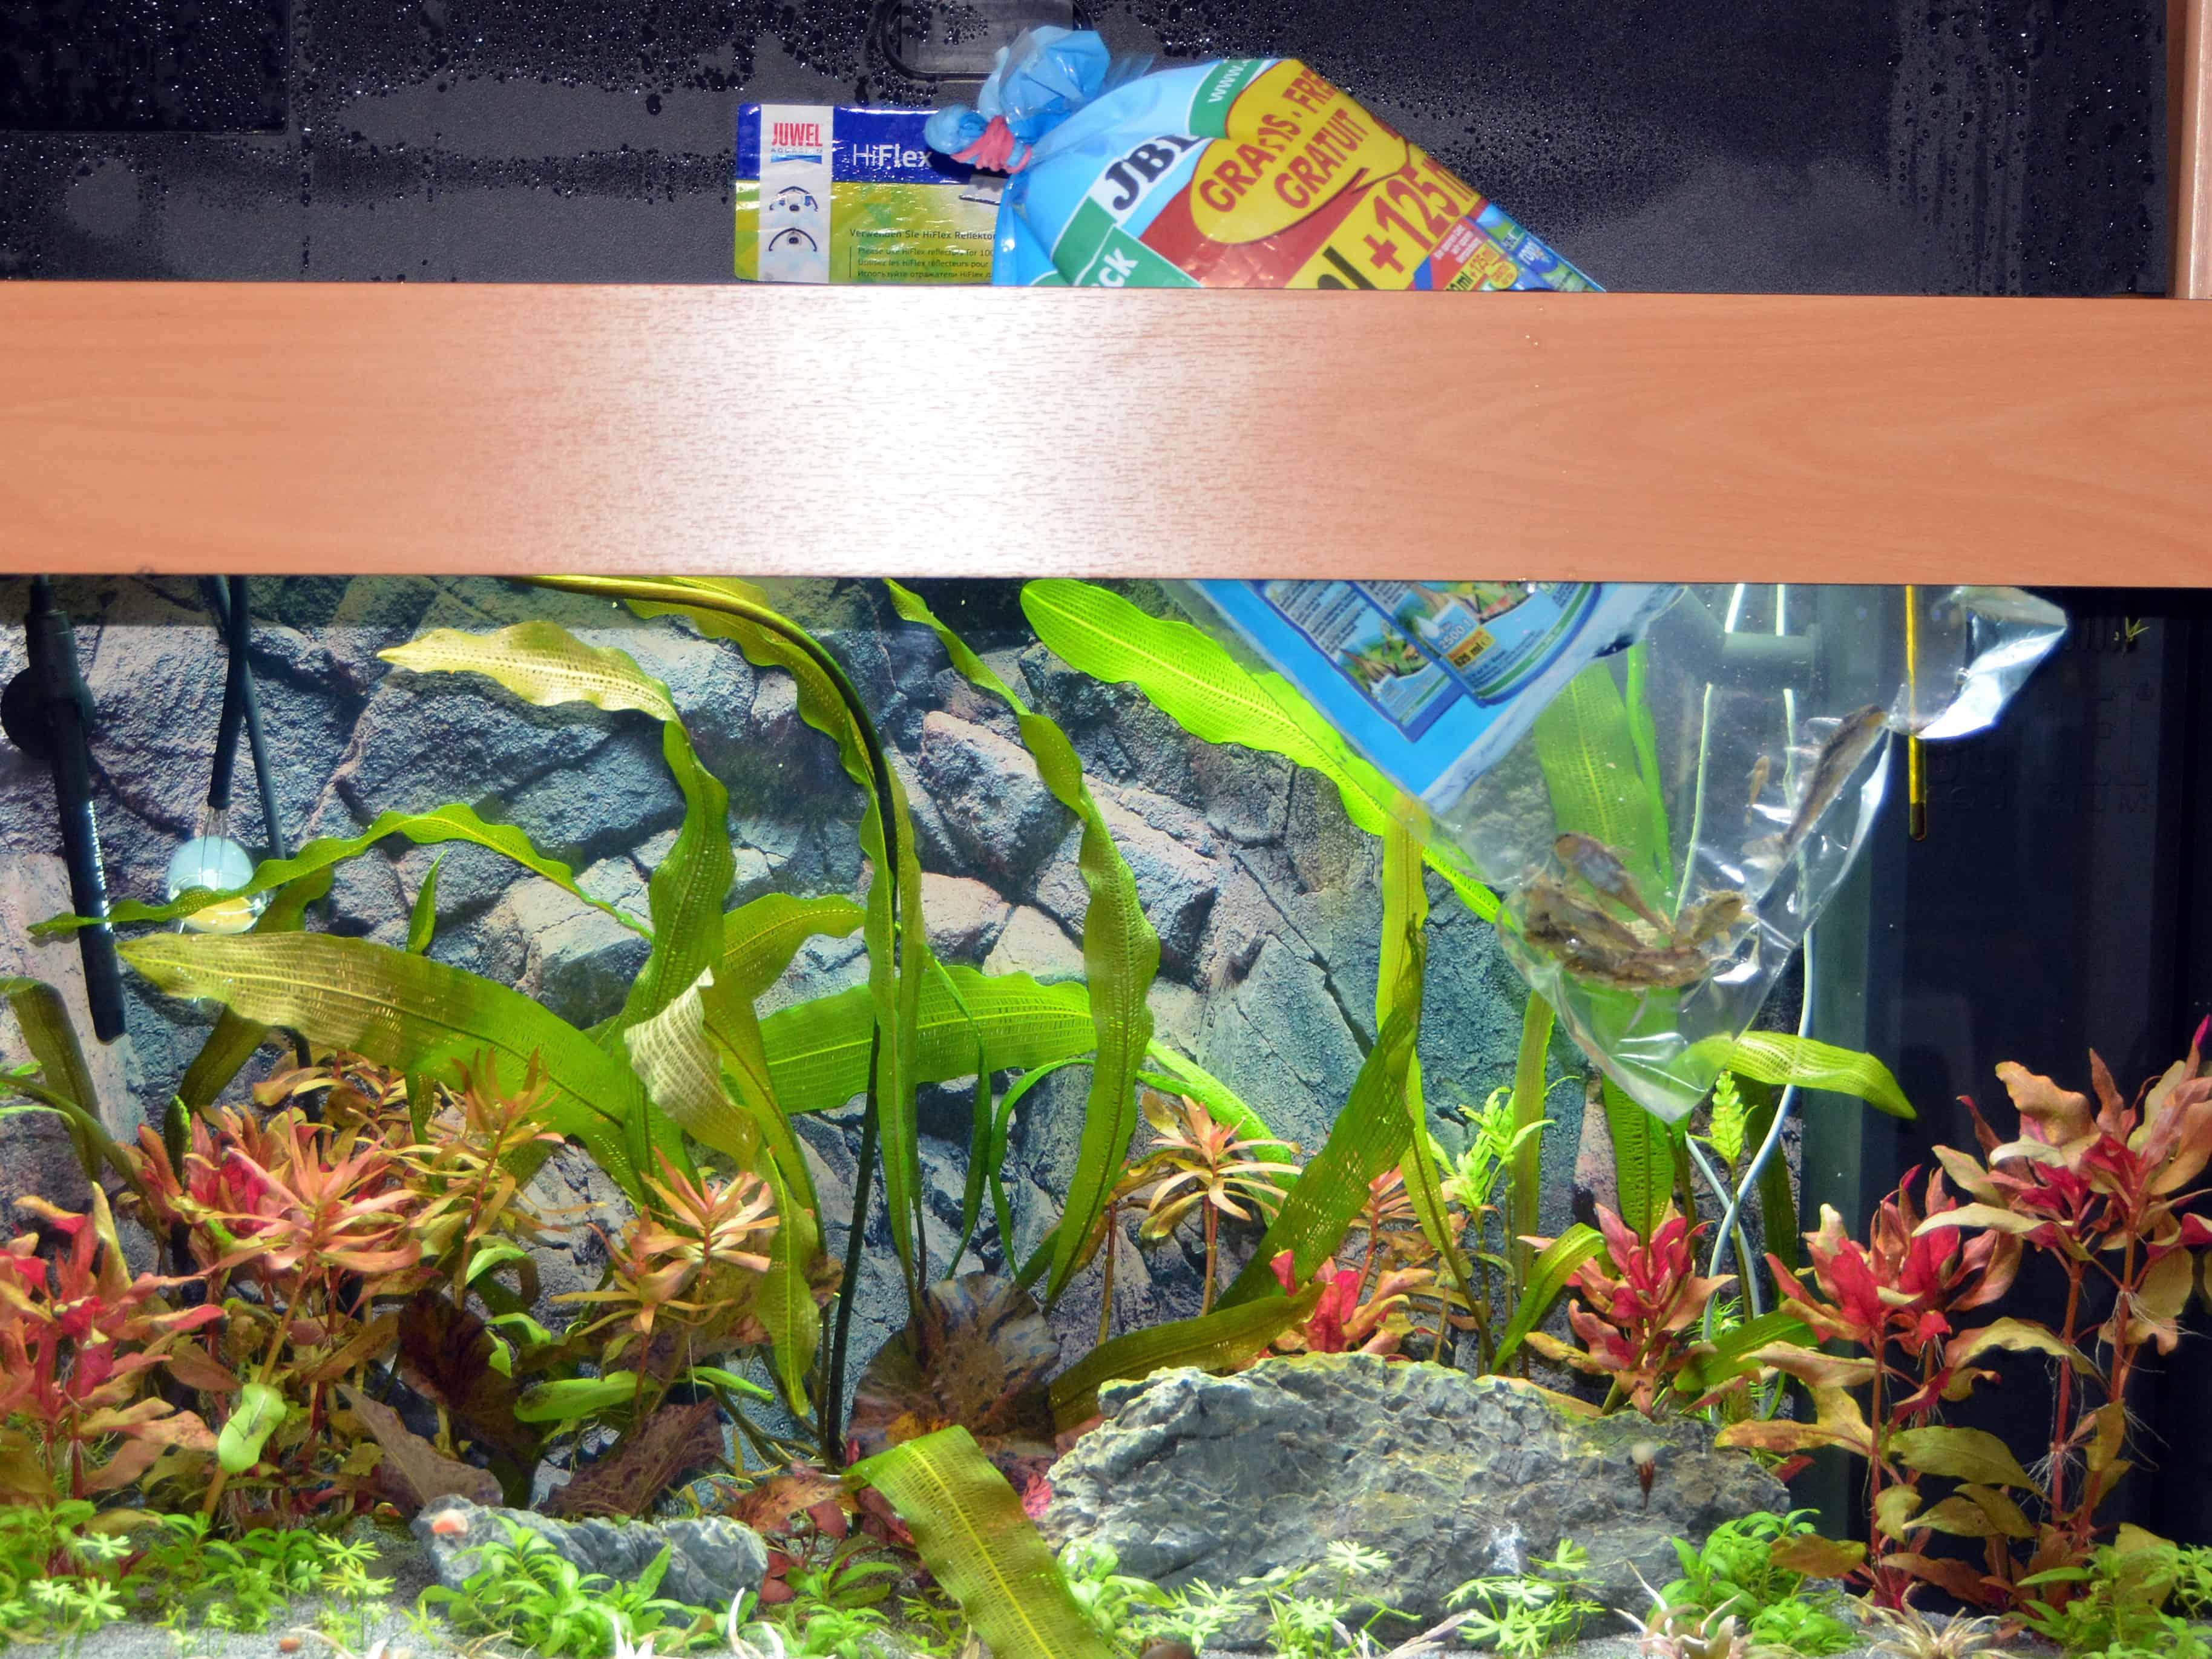 welche fische fressen schnecken best schnecken bekmpfung hauenstein rafz welche aquarium. Black Bedroom Furniture Sets. Home Design Ideas